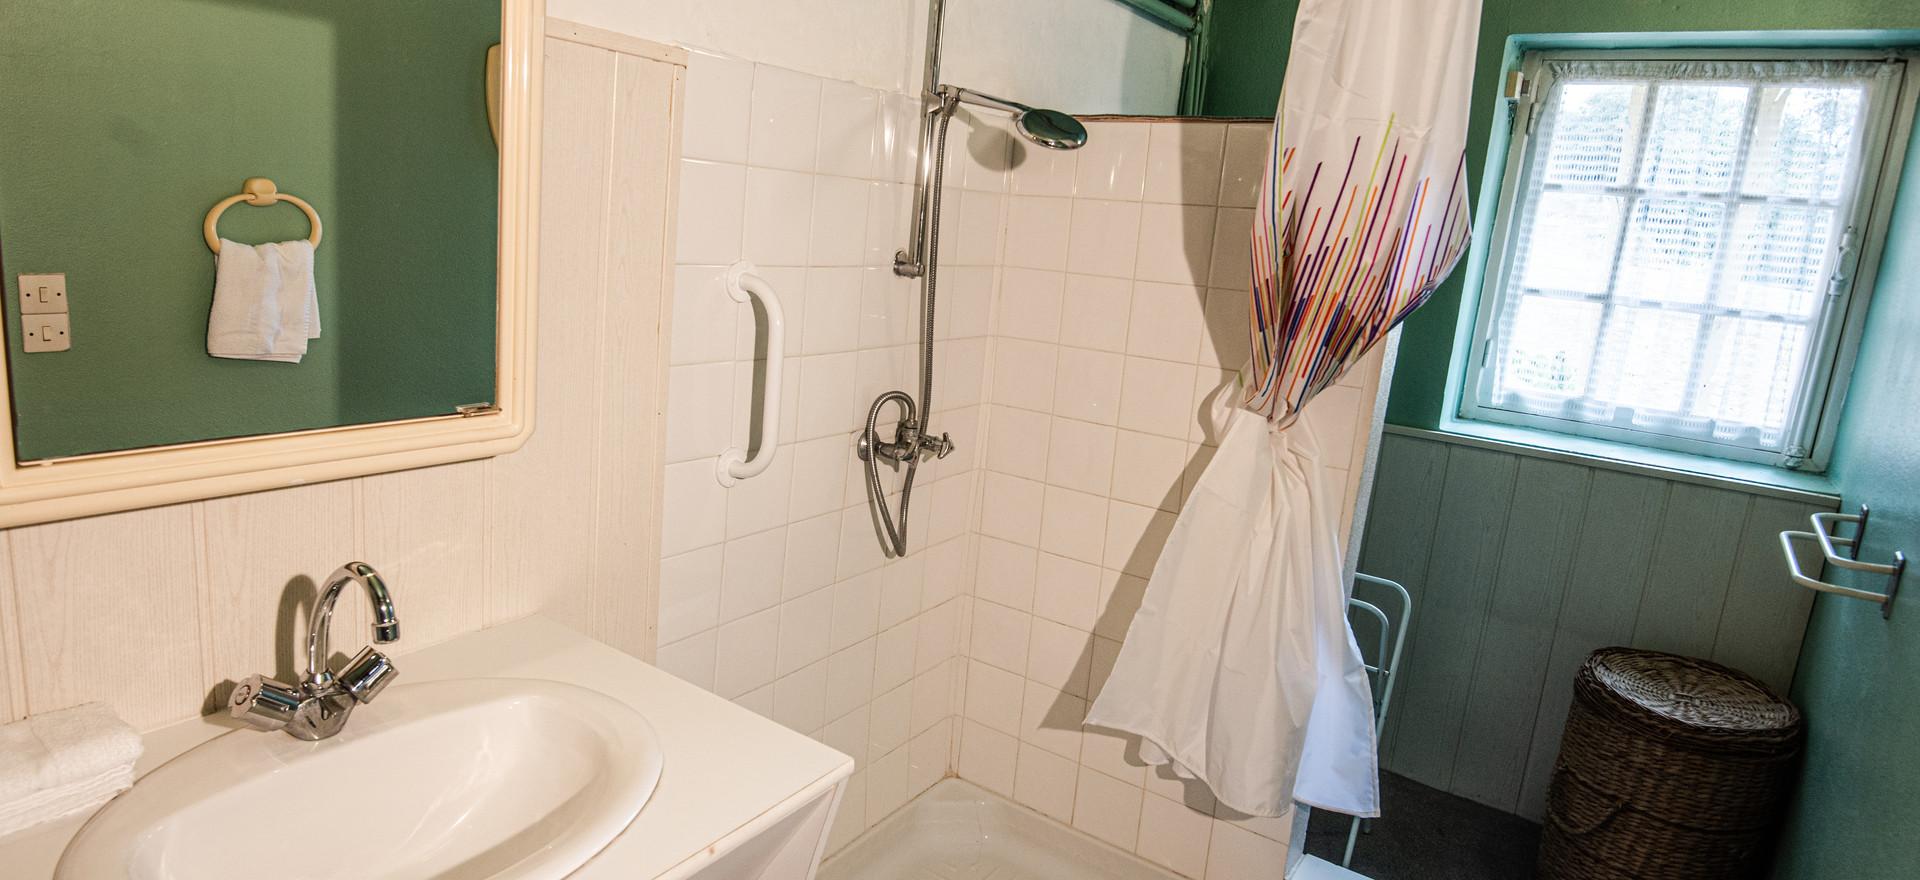 Salle de bain RC